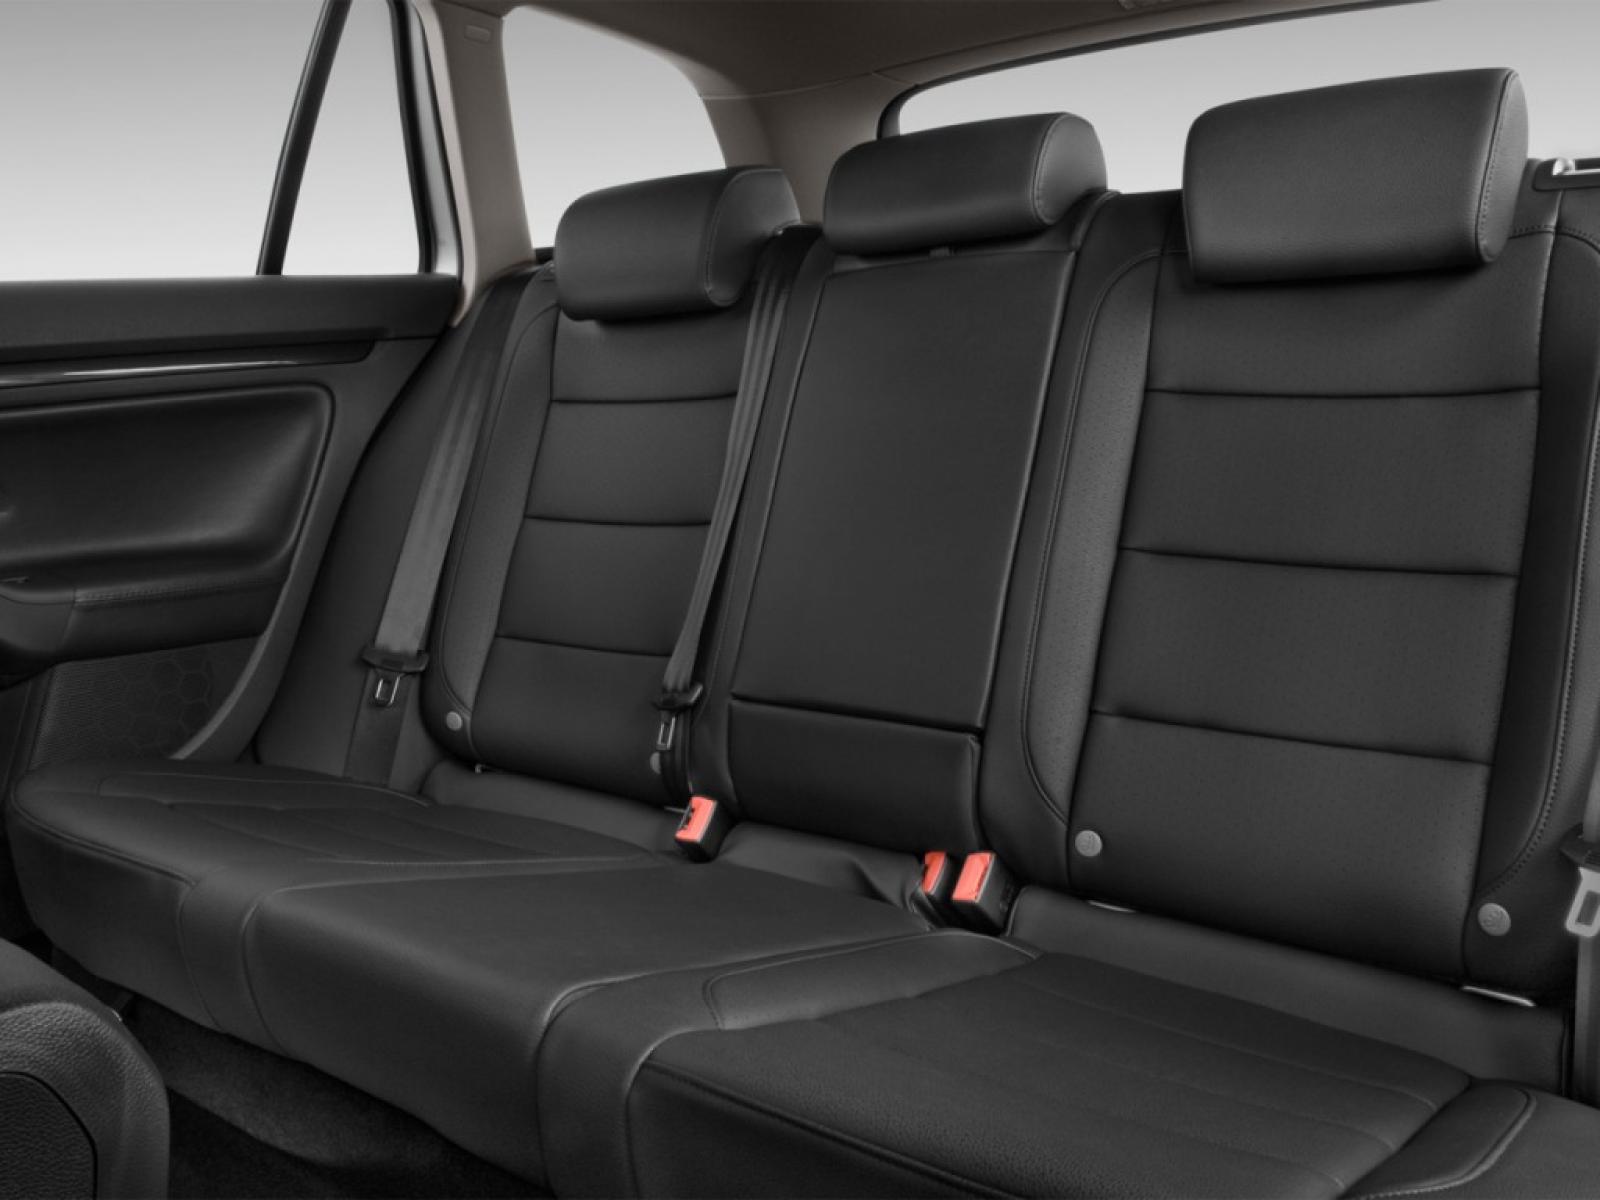 2012 Volkswagen Jetta SportWagen - Information and photos